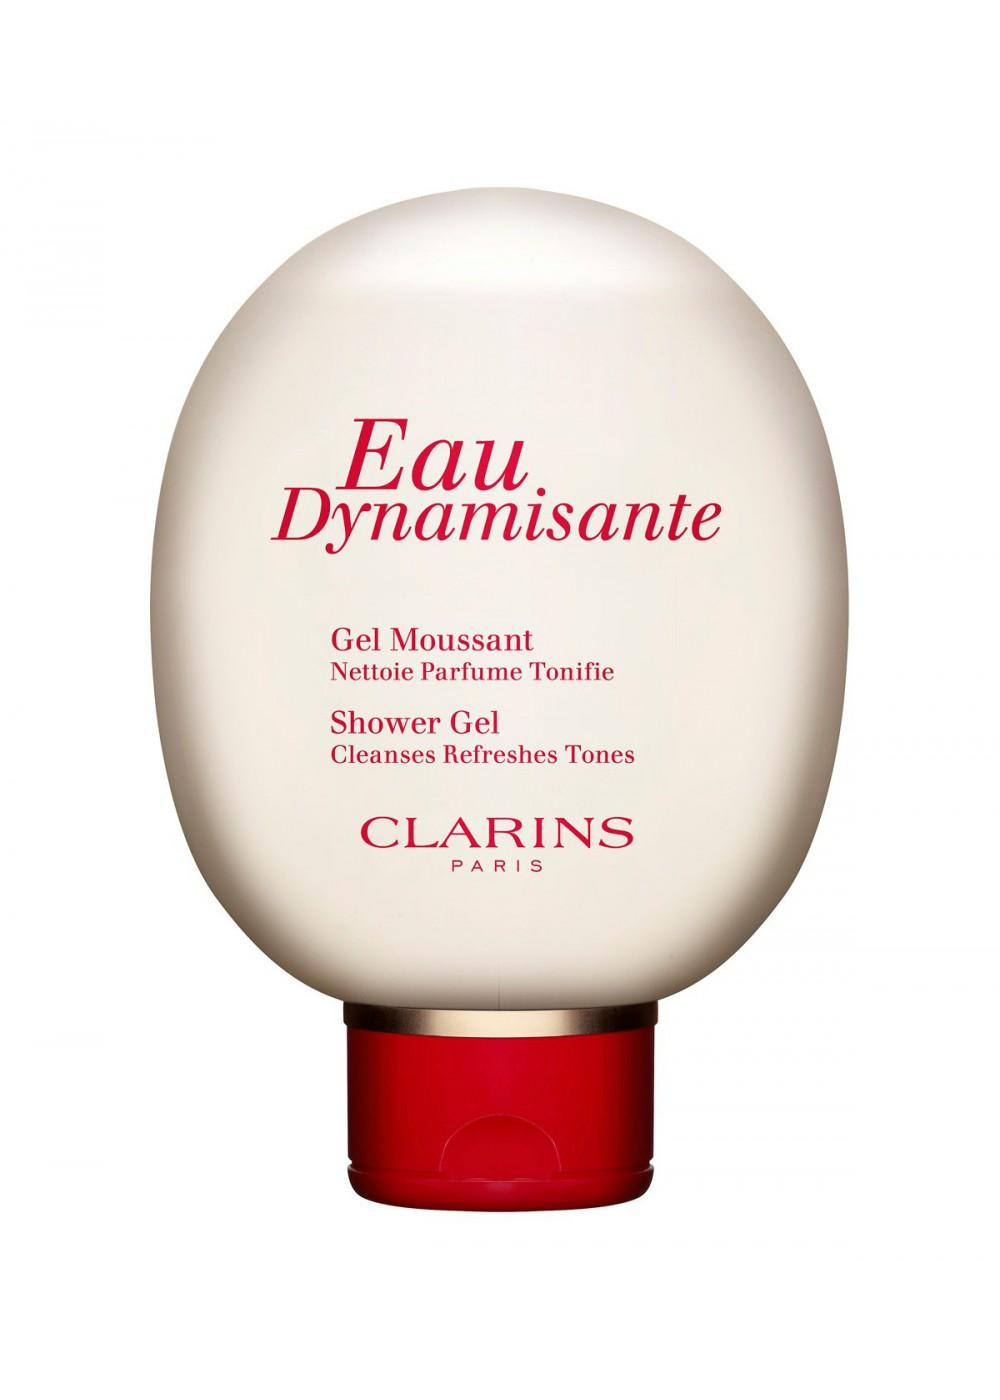 Gel douche eau dynamisante gel doccia clarins - Clarins eau dynamisante mousse douche ...